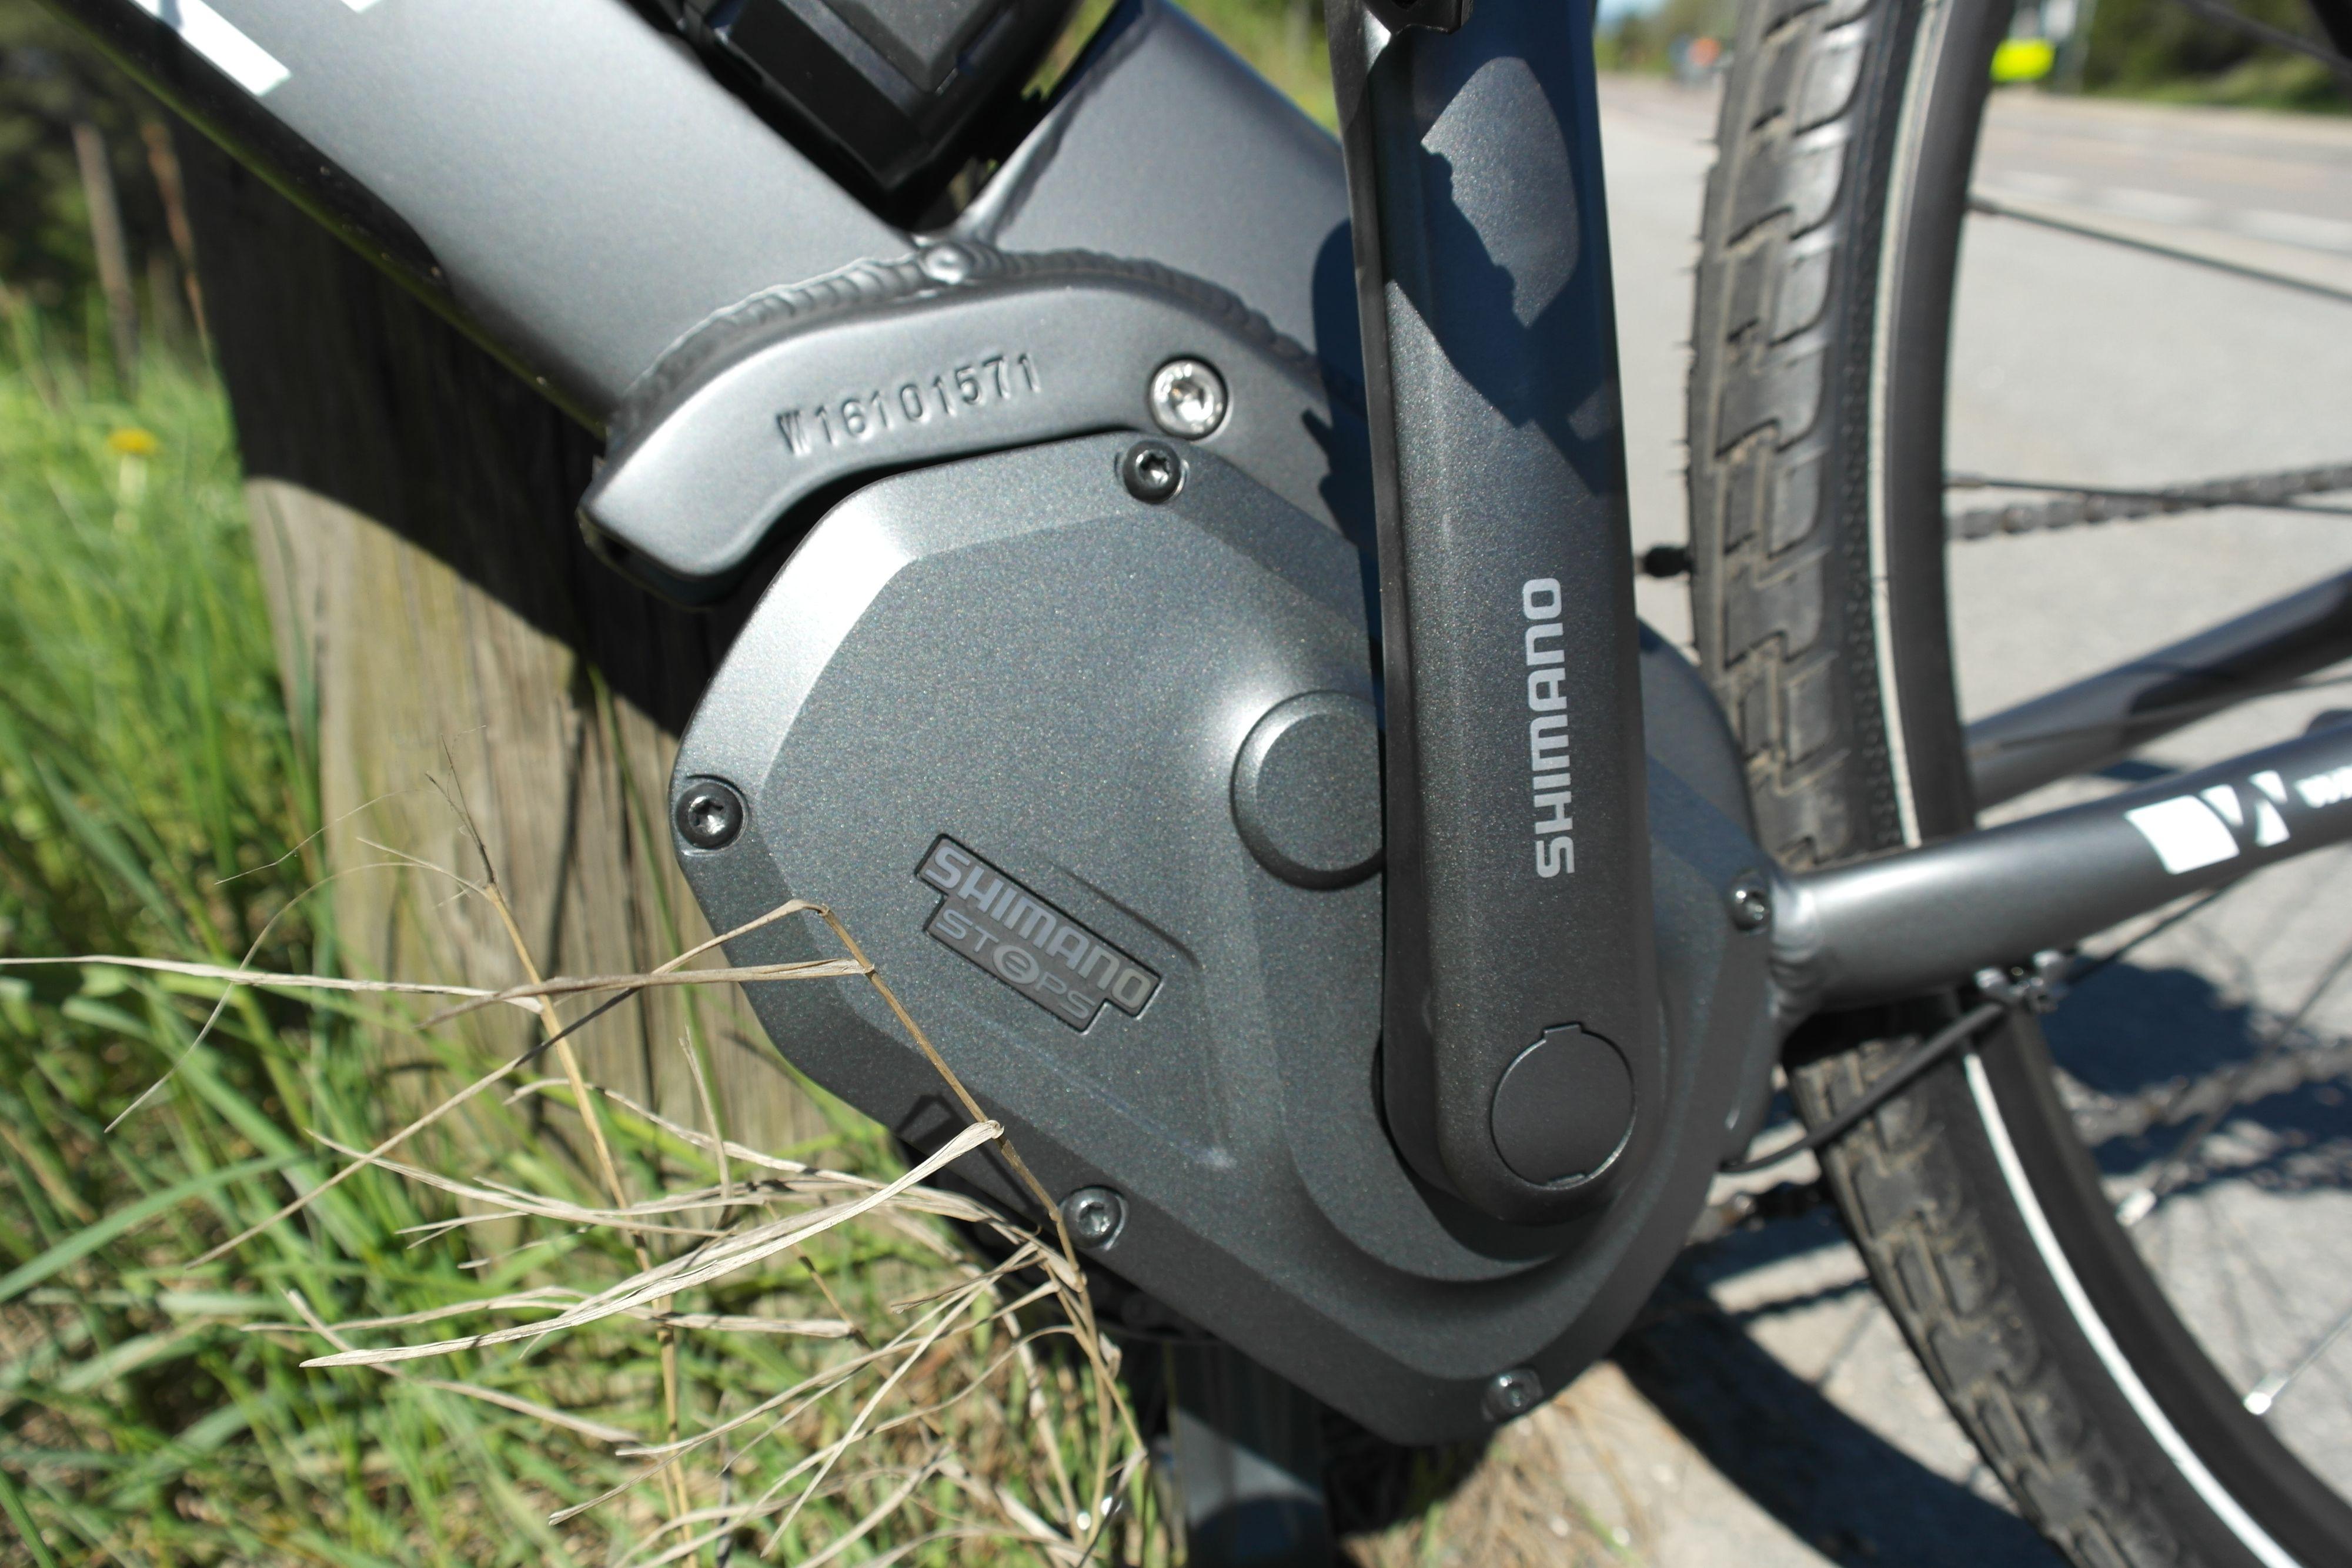 Motorene som sitter i kranken gir den mest naturlige sykkelfølelsen. Det er også det dyrere alternativet. Bilde: David Auby Johansen